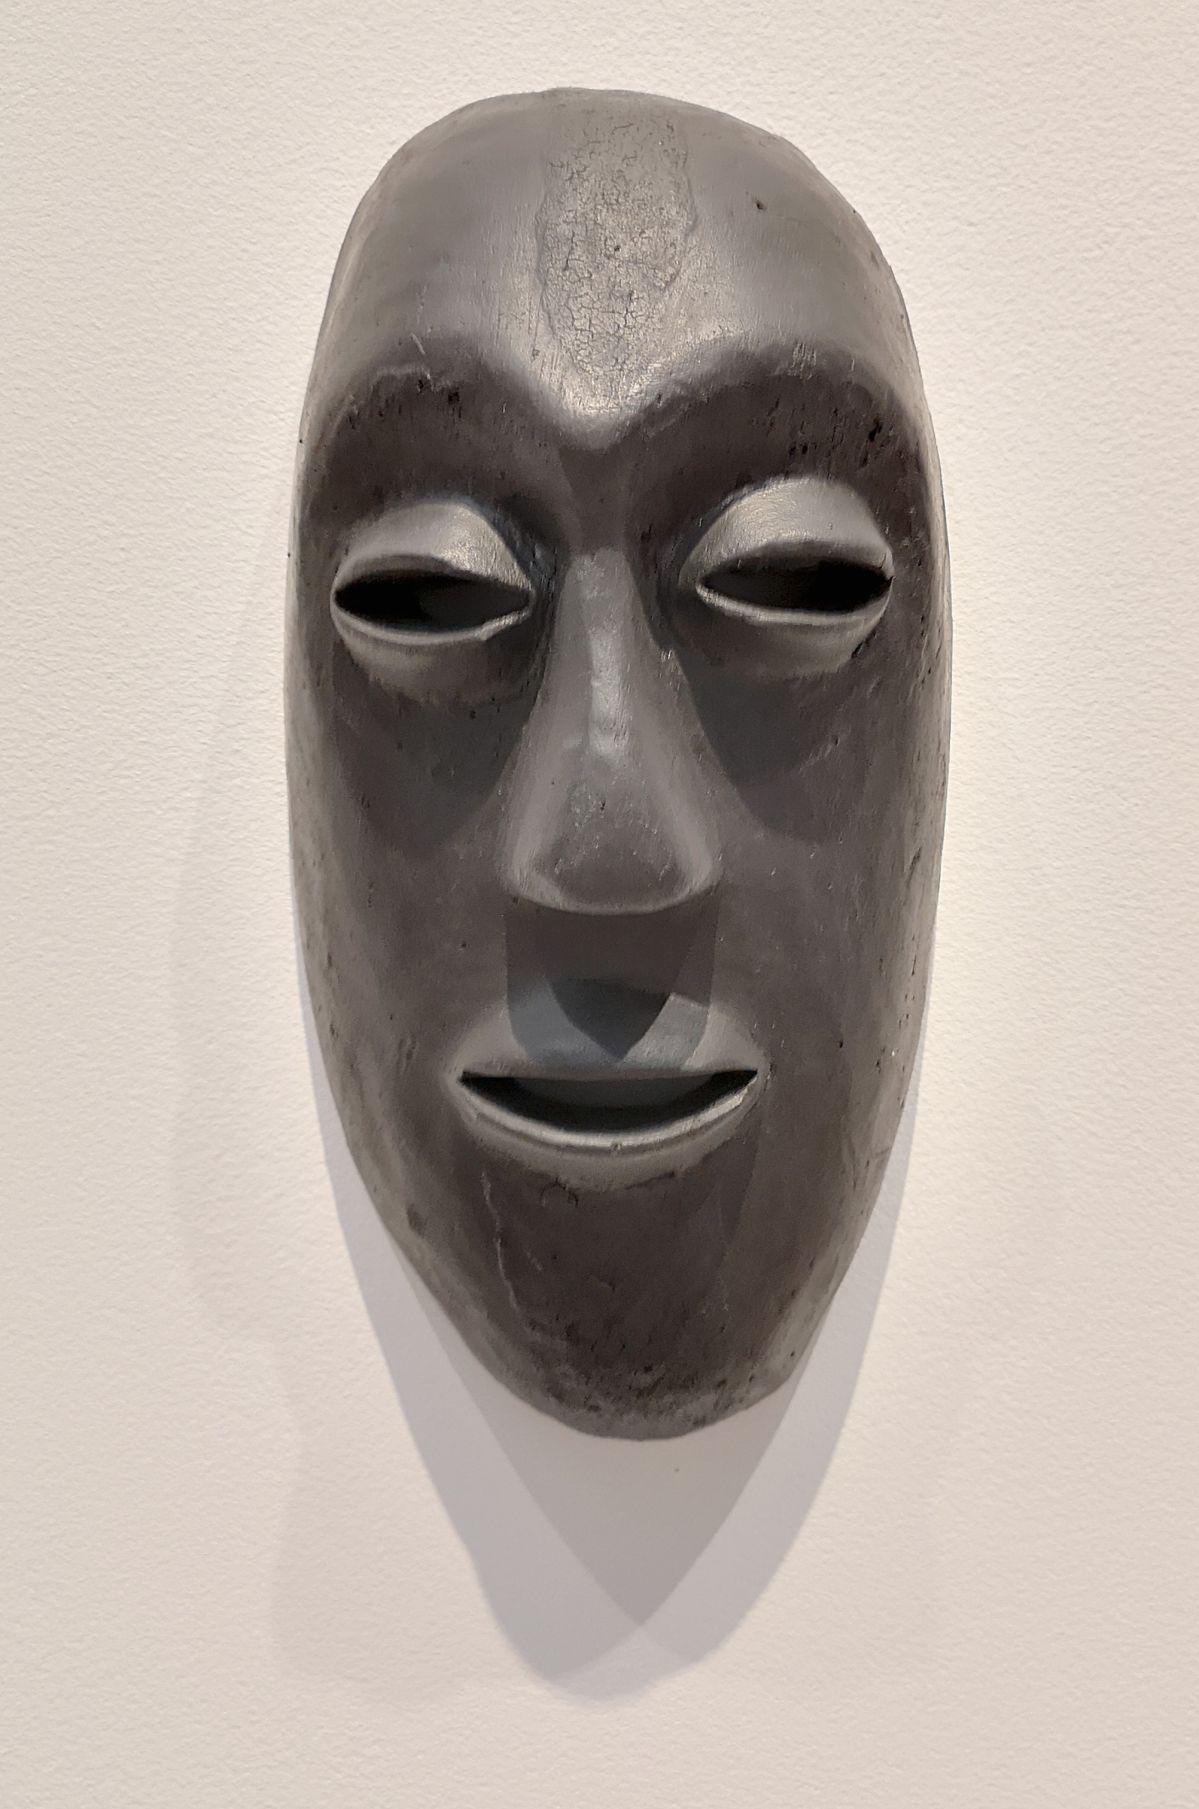 Ugo Rondinone - Moonrise. North. May 2003 - Des Visages - Le temps de l'Autre - Carré d'Art à Nîmes - Salle 5